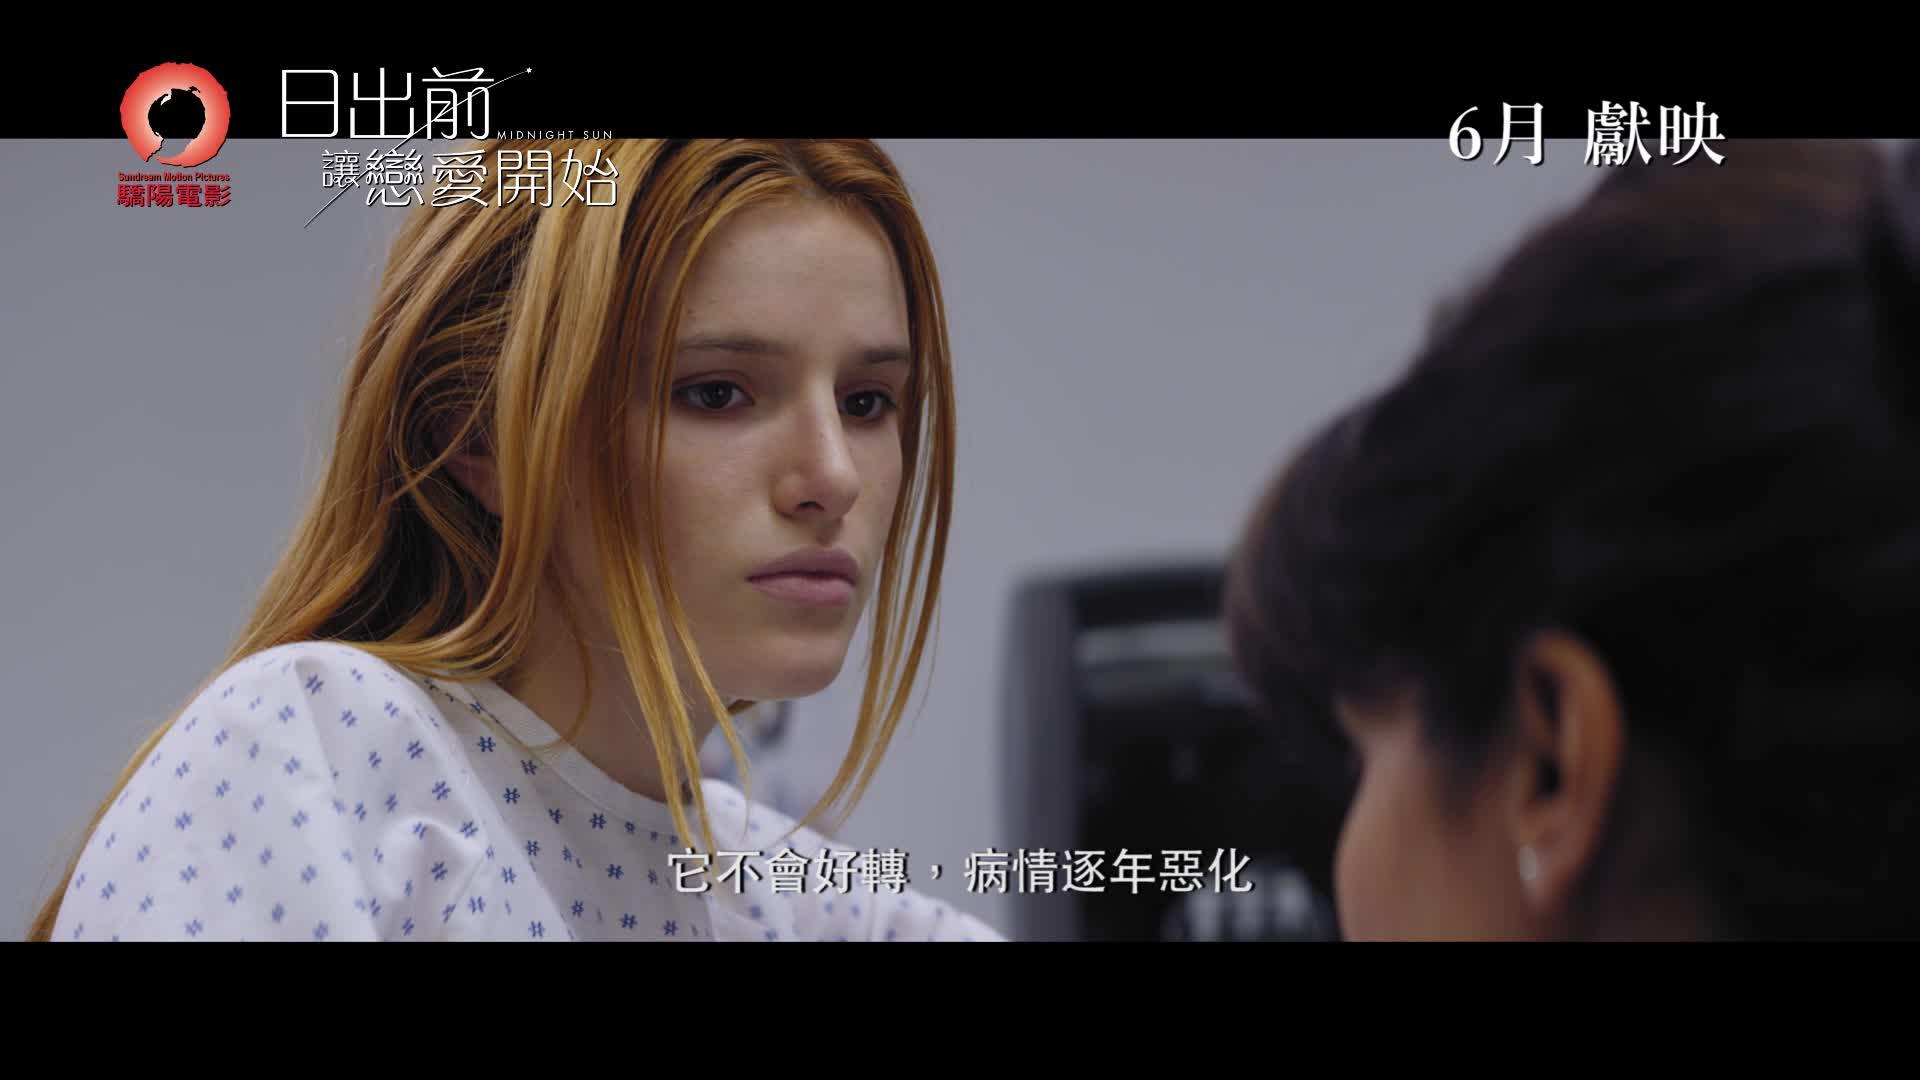 《日出前讓戀愛開始》中文版預告